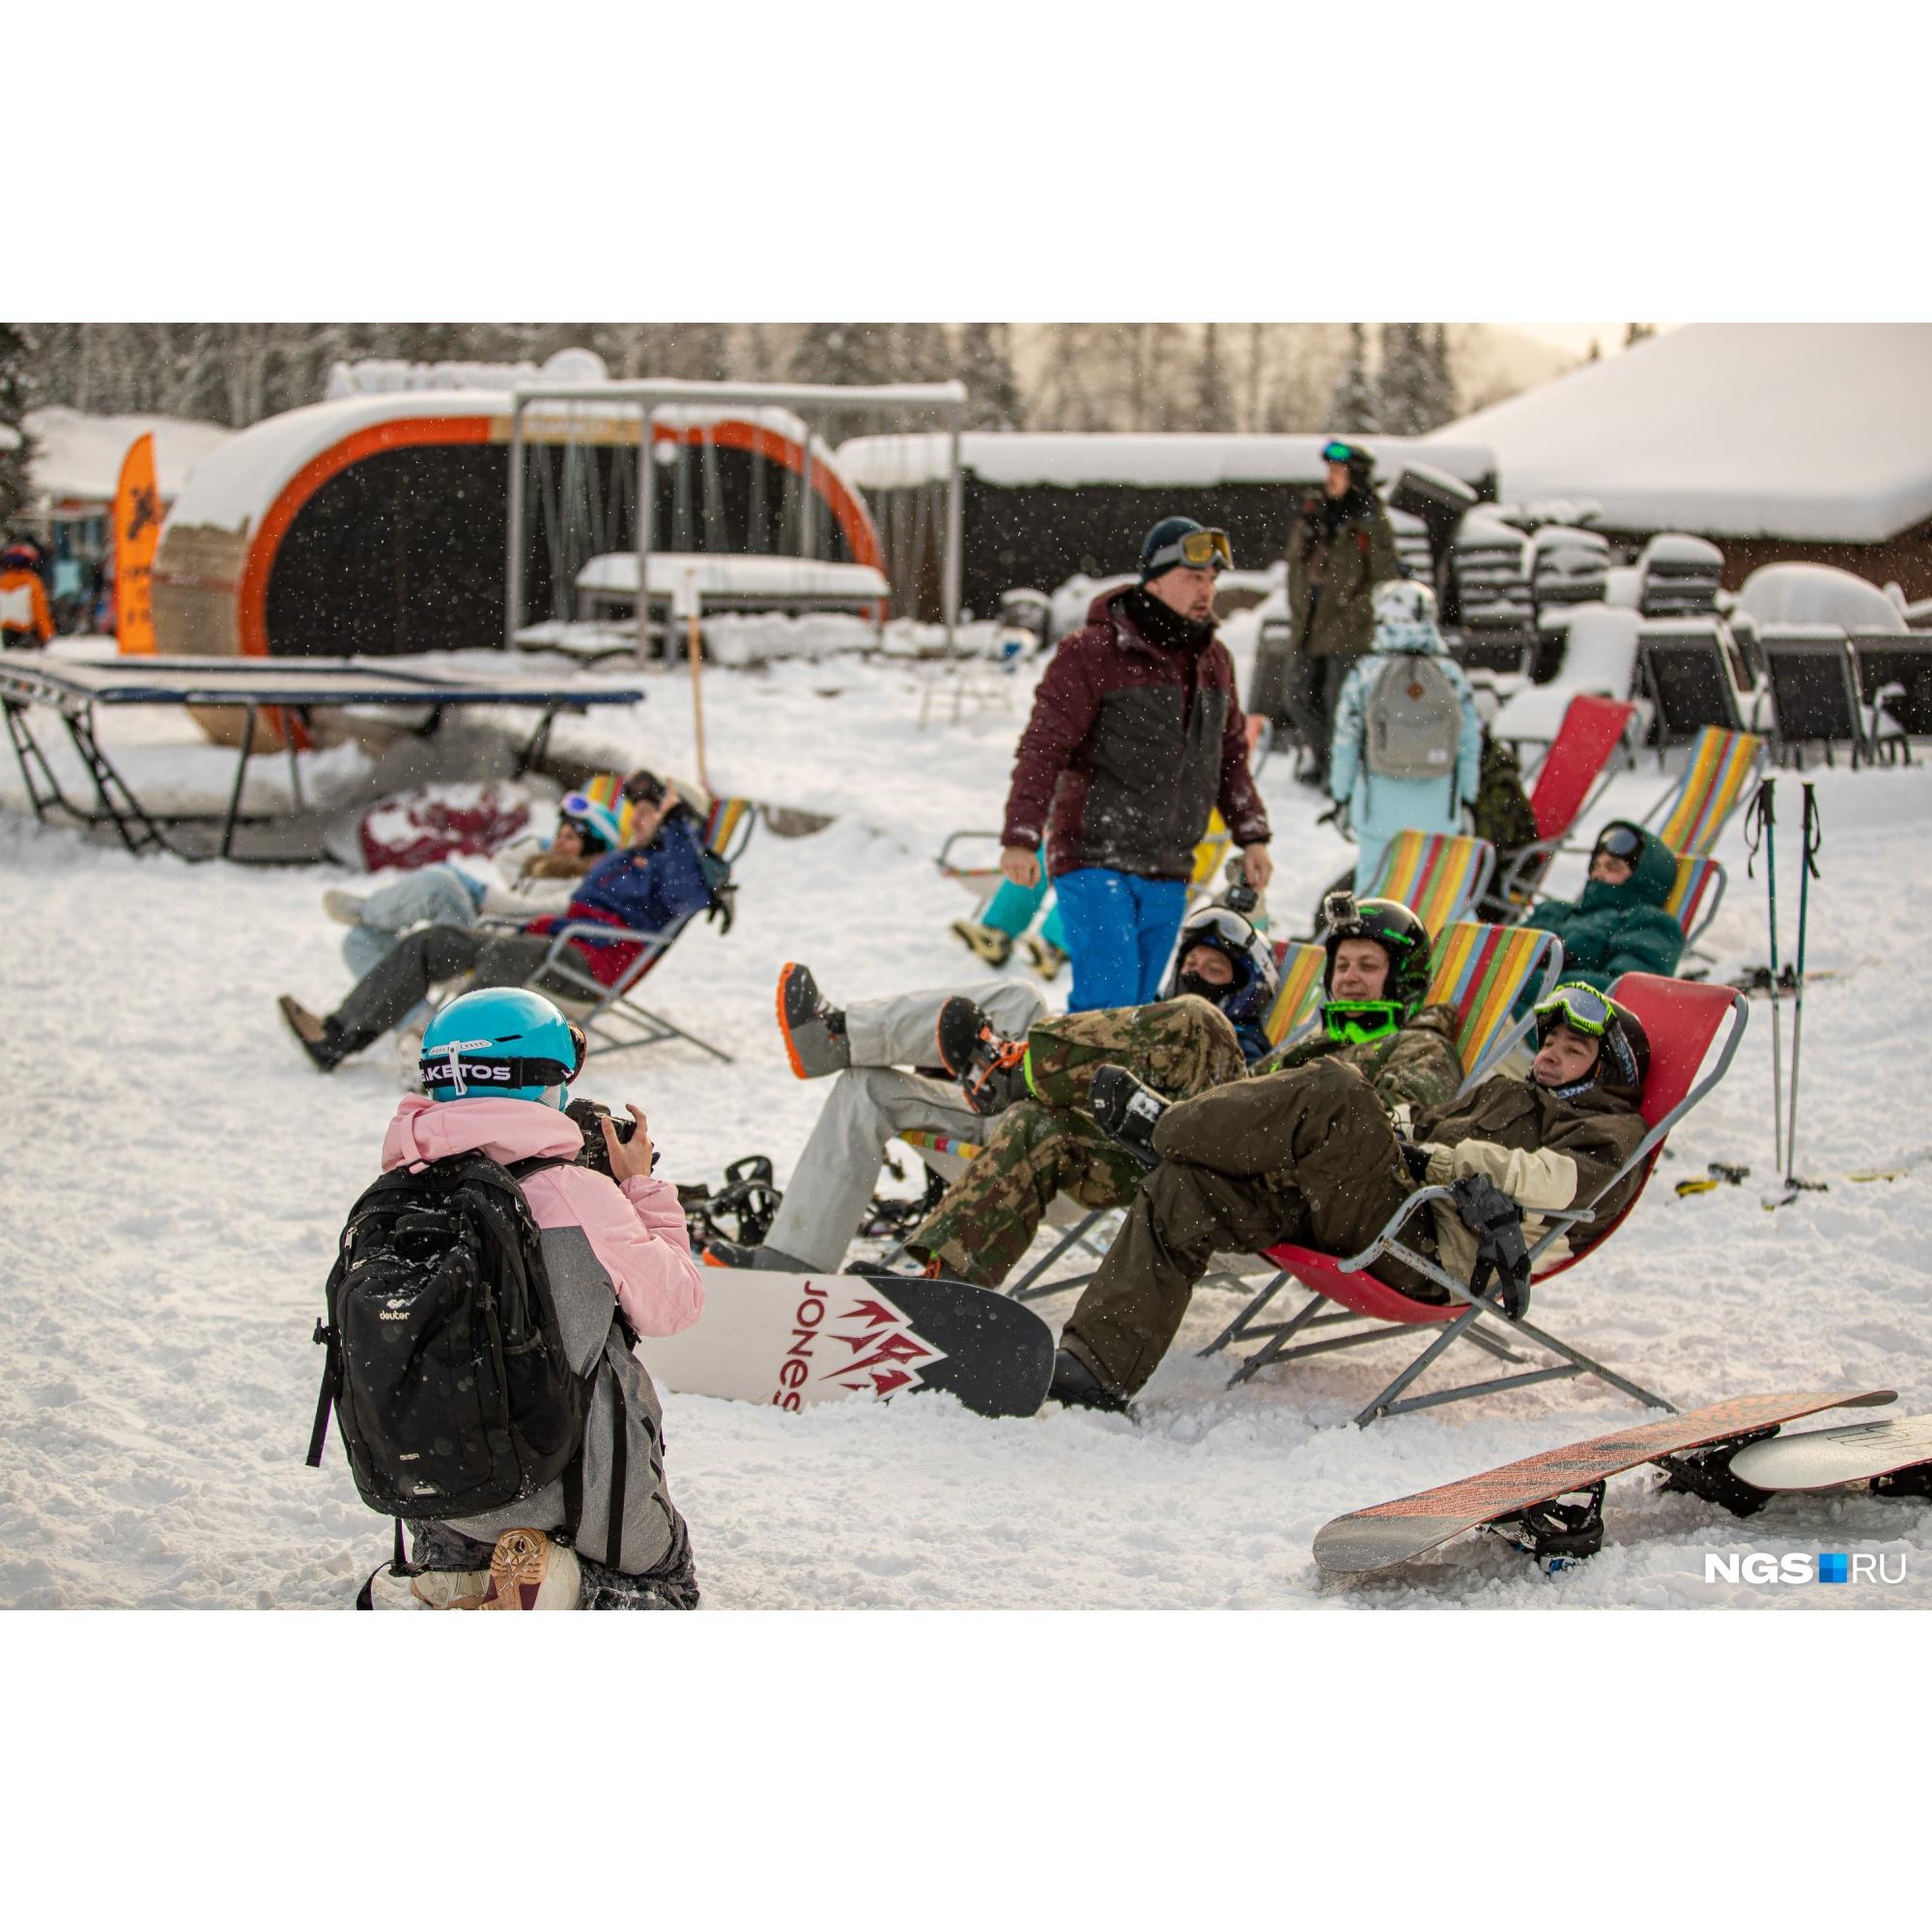 """В этом году у туристов появилась возможность пополнять ски-пасс онлайн. Таблички с <nobr class=""""_"""">QR-кодами</nobr> развешены по всей территории комплекса"""